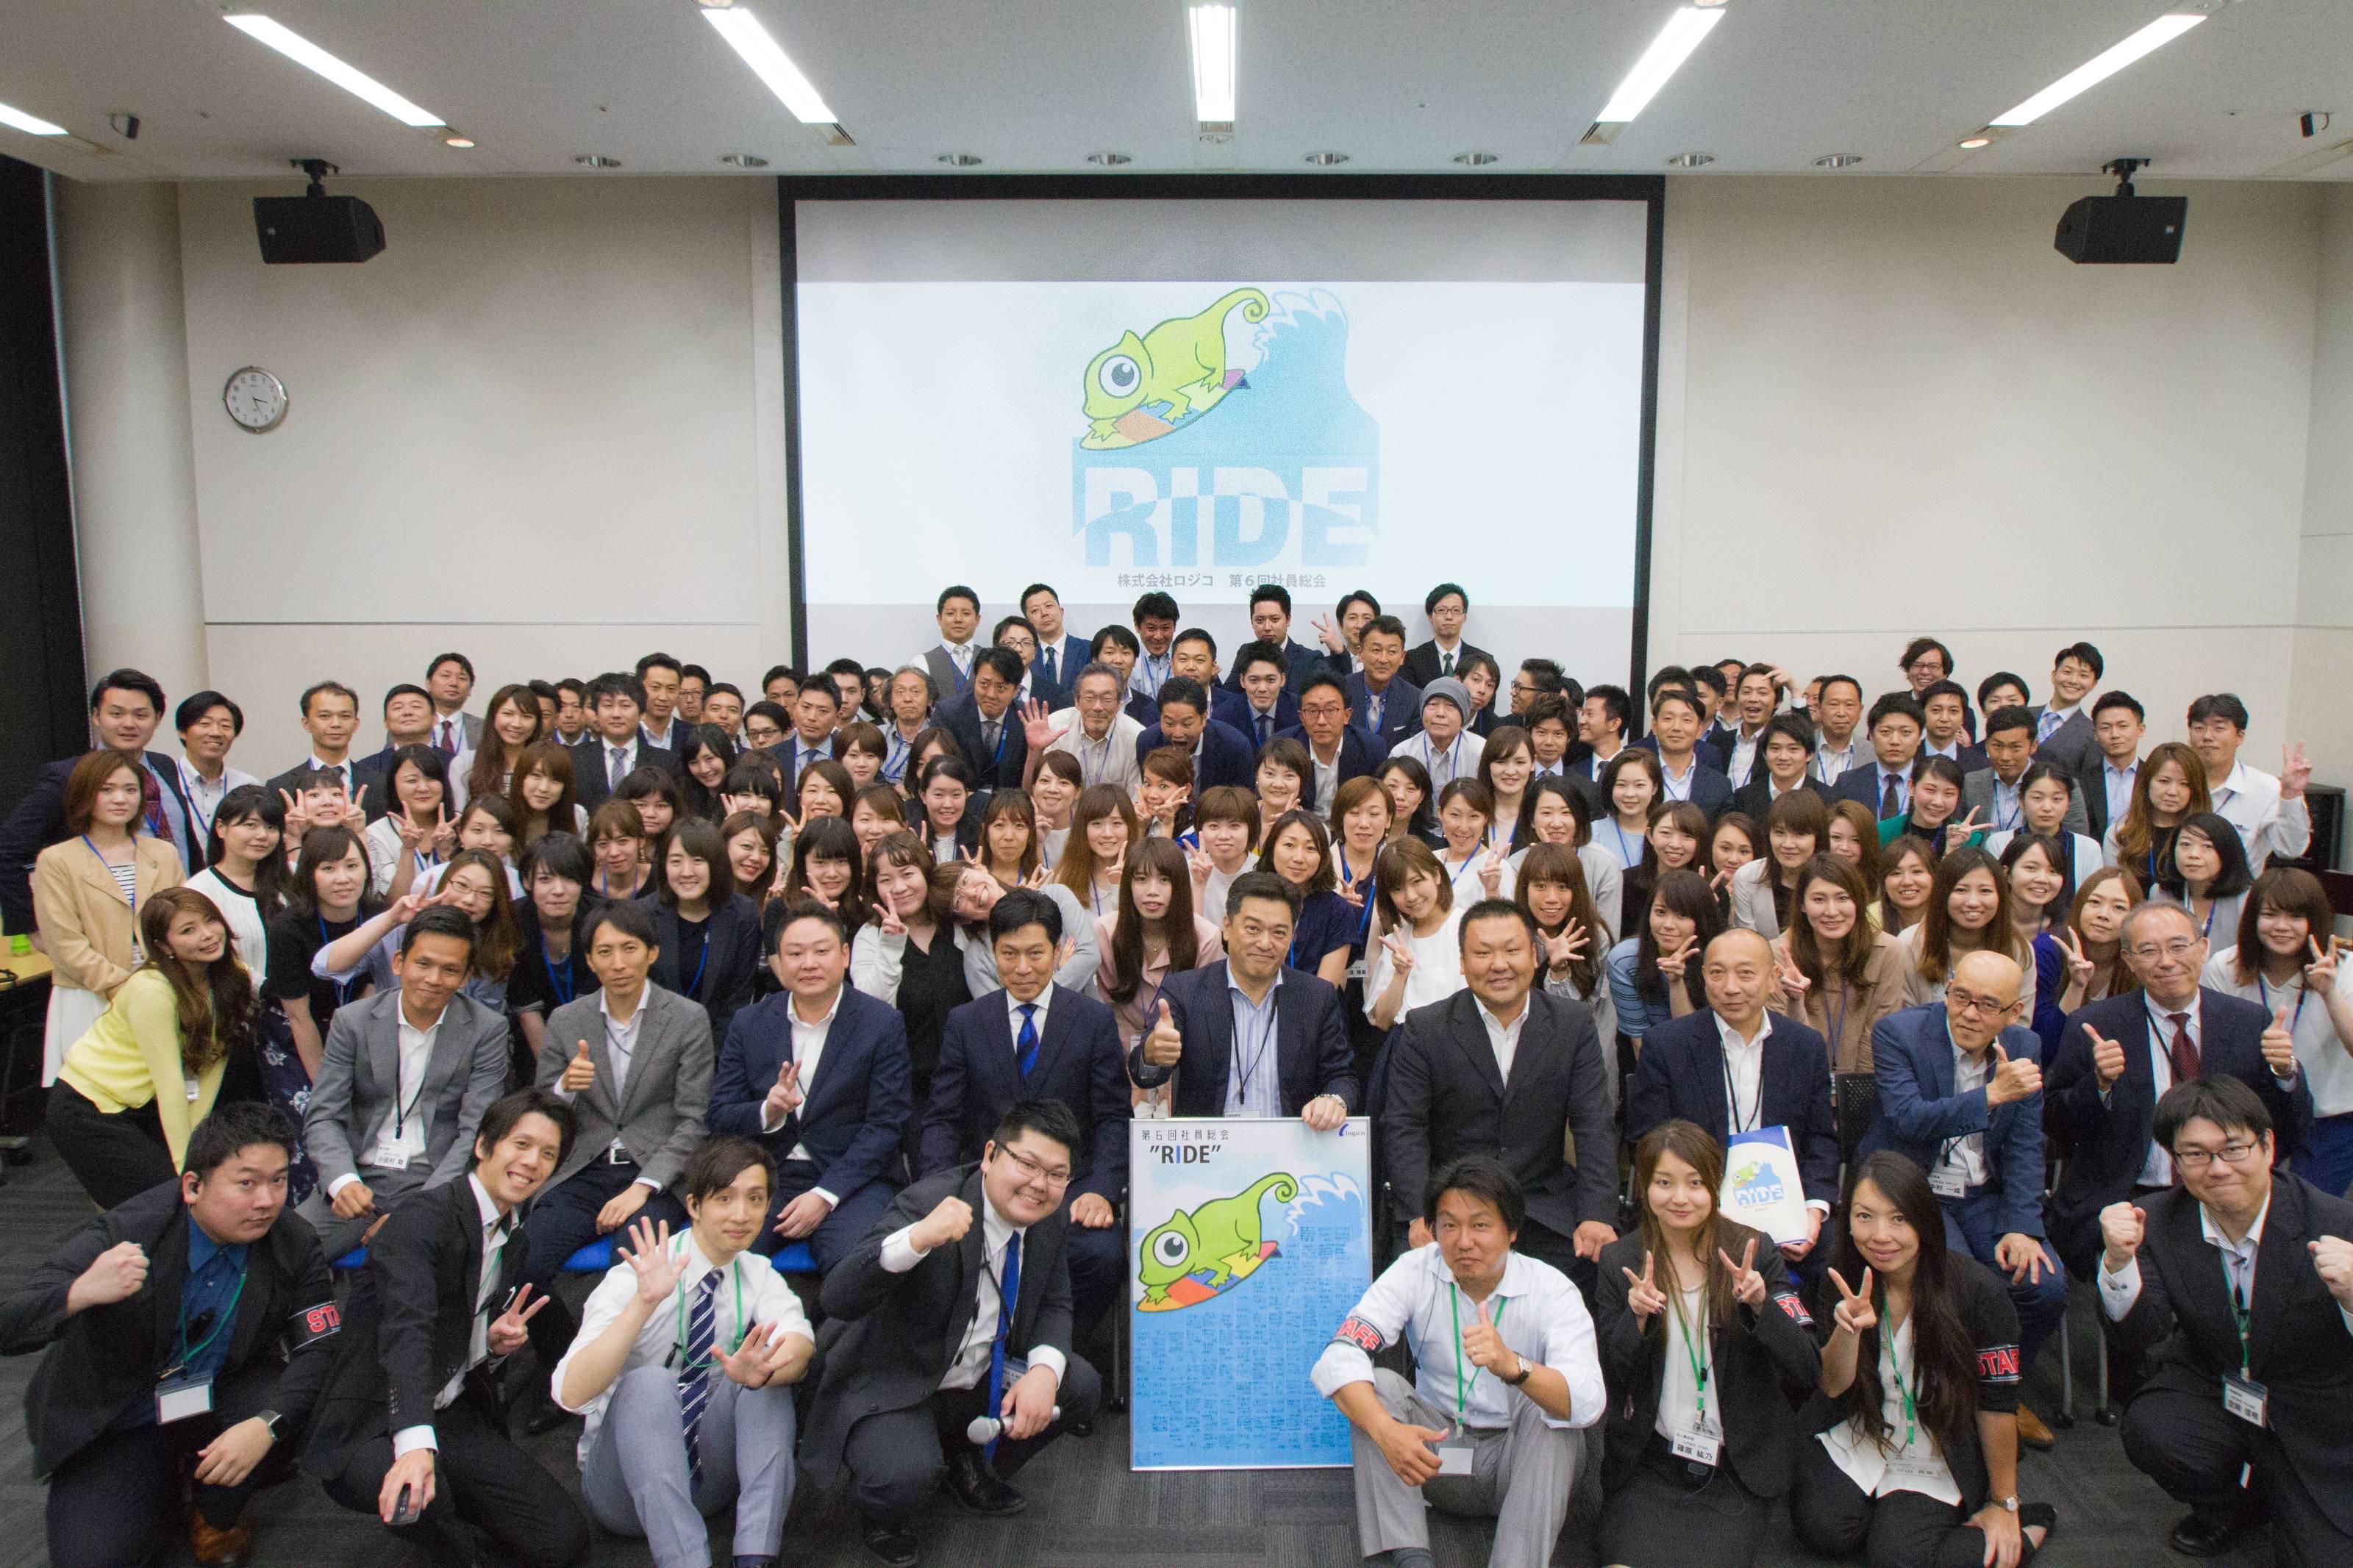 株式会社ユニケット(ロジコグループ)https://www.logi-co.co.jp/